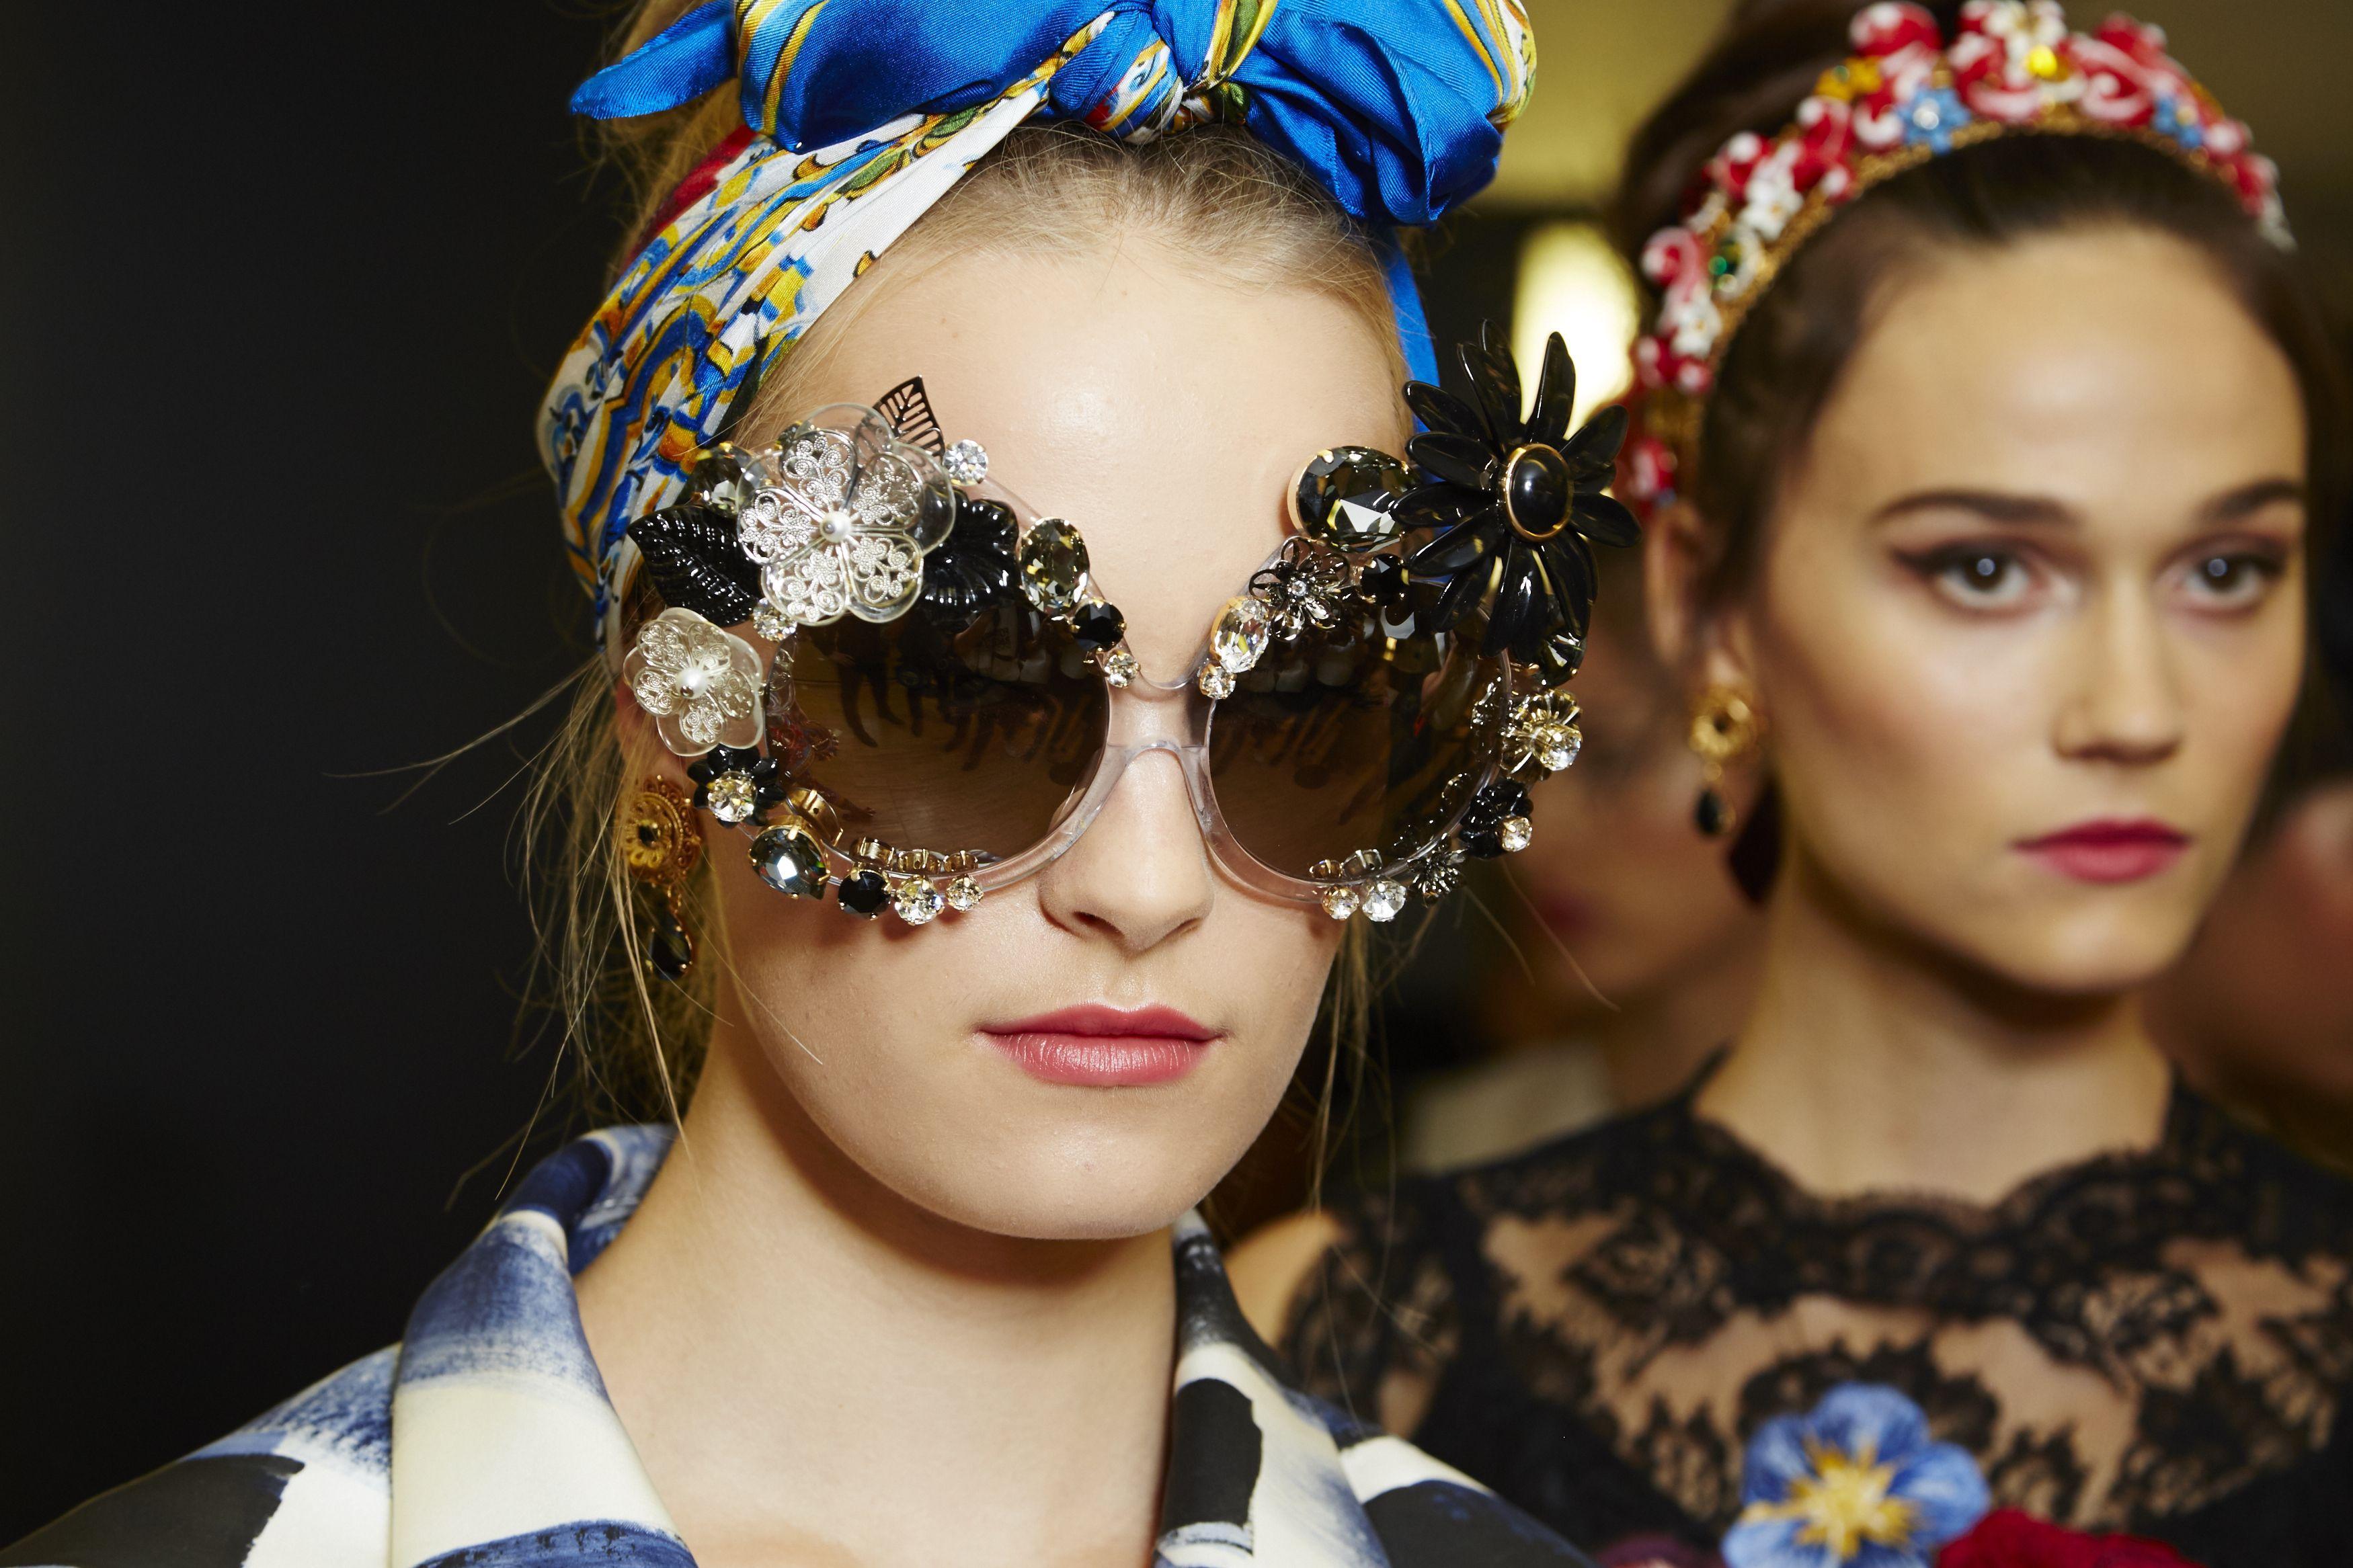 Dolce & Gabbana Summer 2016 Women Fashion Show | Dolce & Gabbana